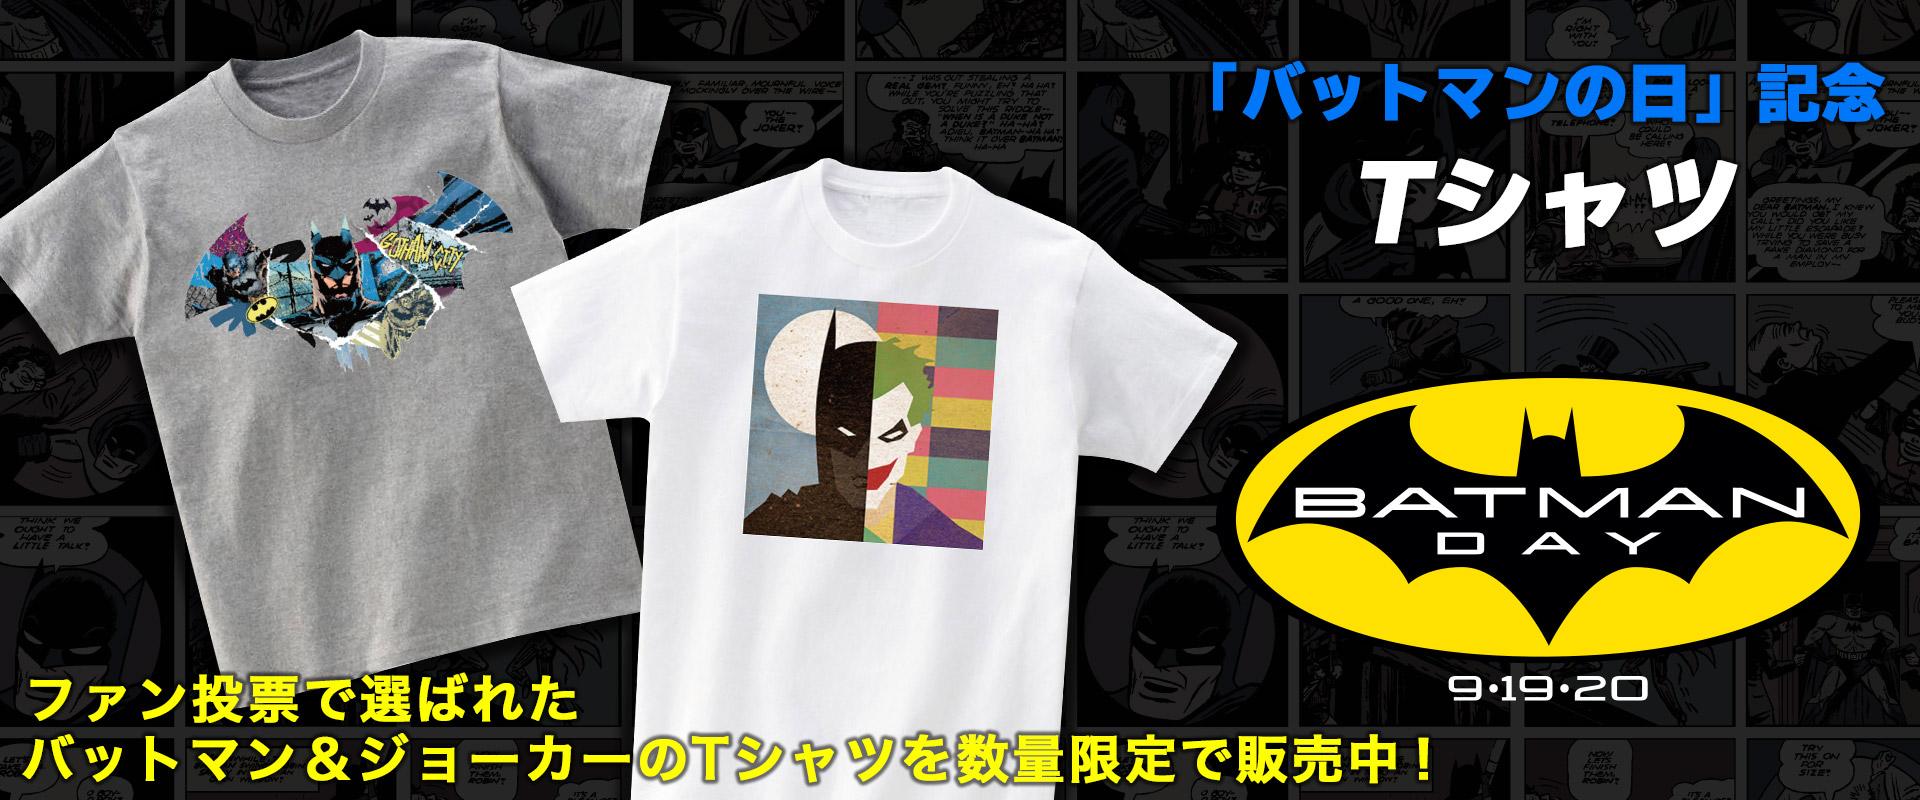 「バットマンの日」記念 ファン投票で選ばれたバットマン&ジョーカーデザインのTシャツを数量限定で販売中!